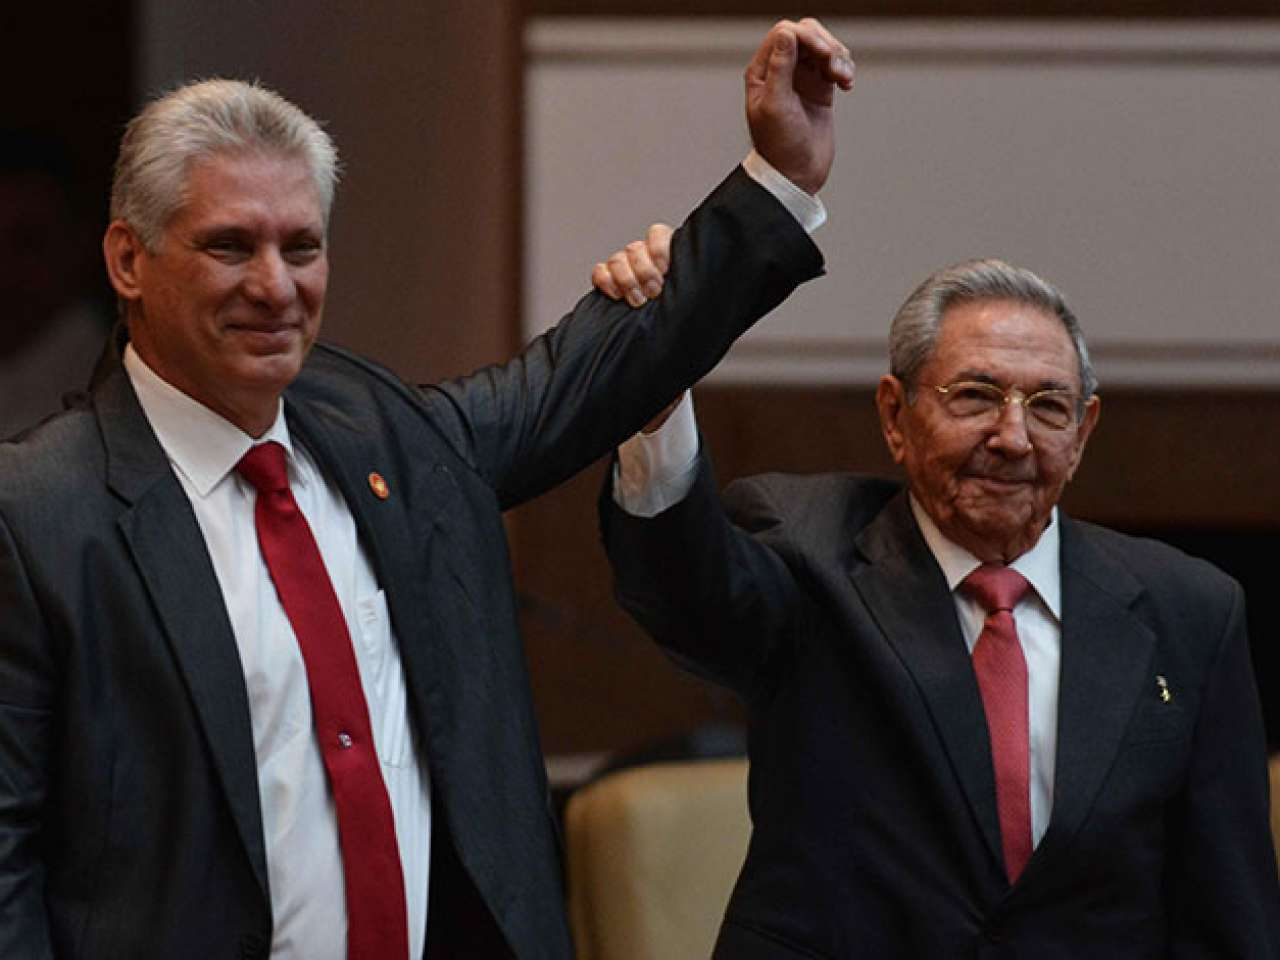 Filho da revolução chega ao poder em Cuba